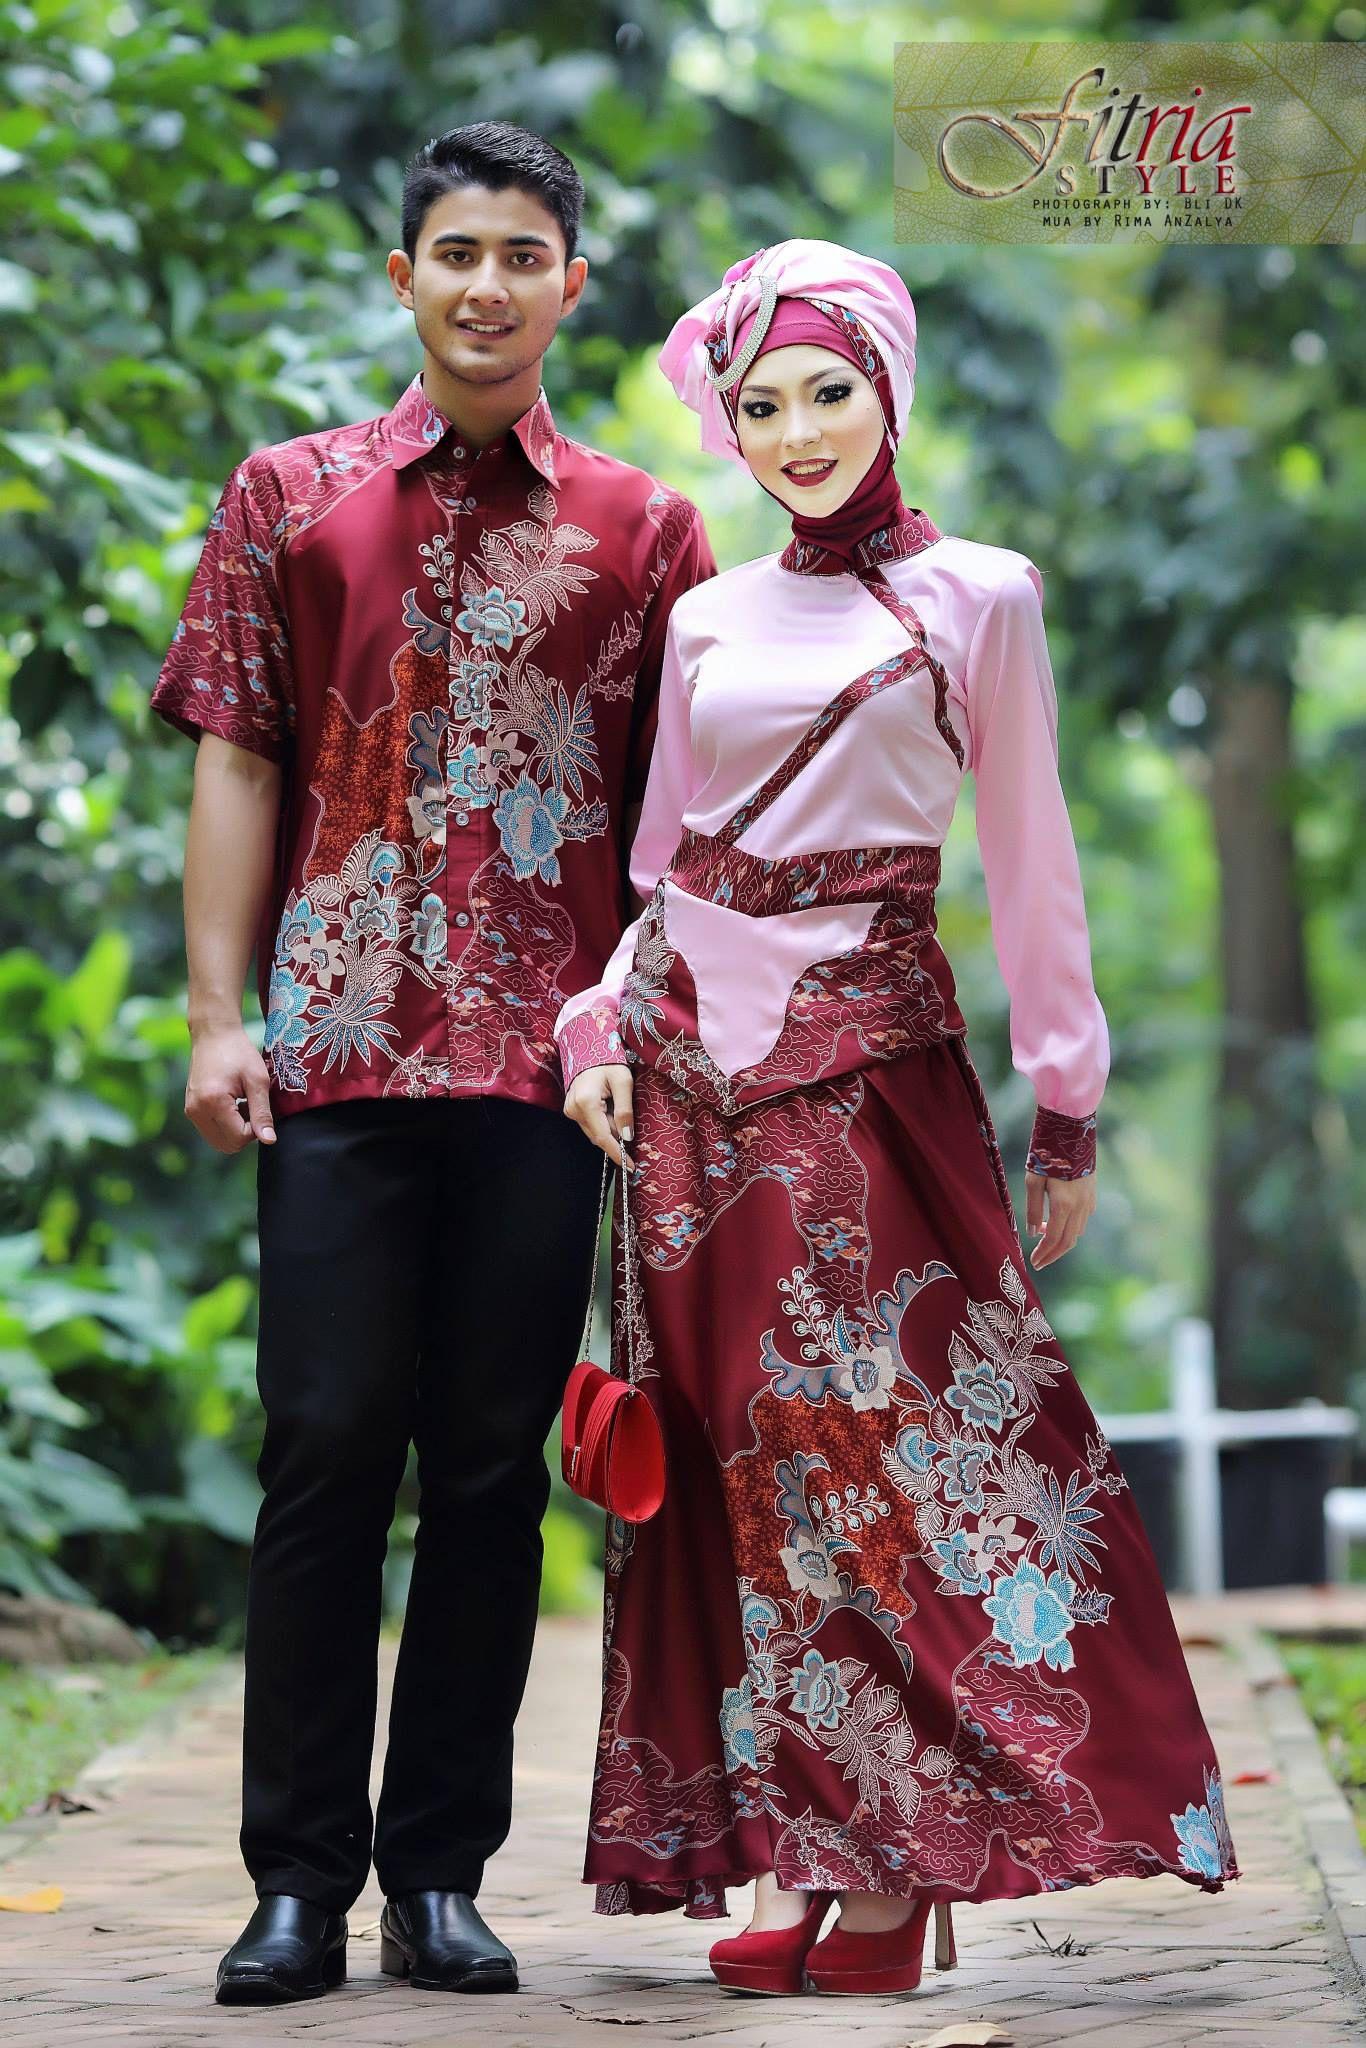 Pin by Neneng Natadipura on neneng  Pinterest  Islamic fashion